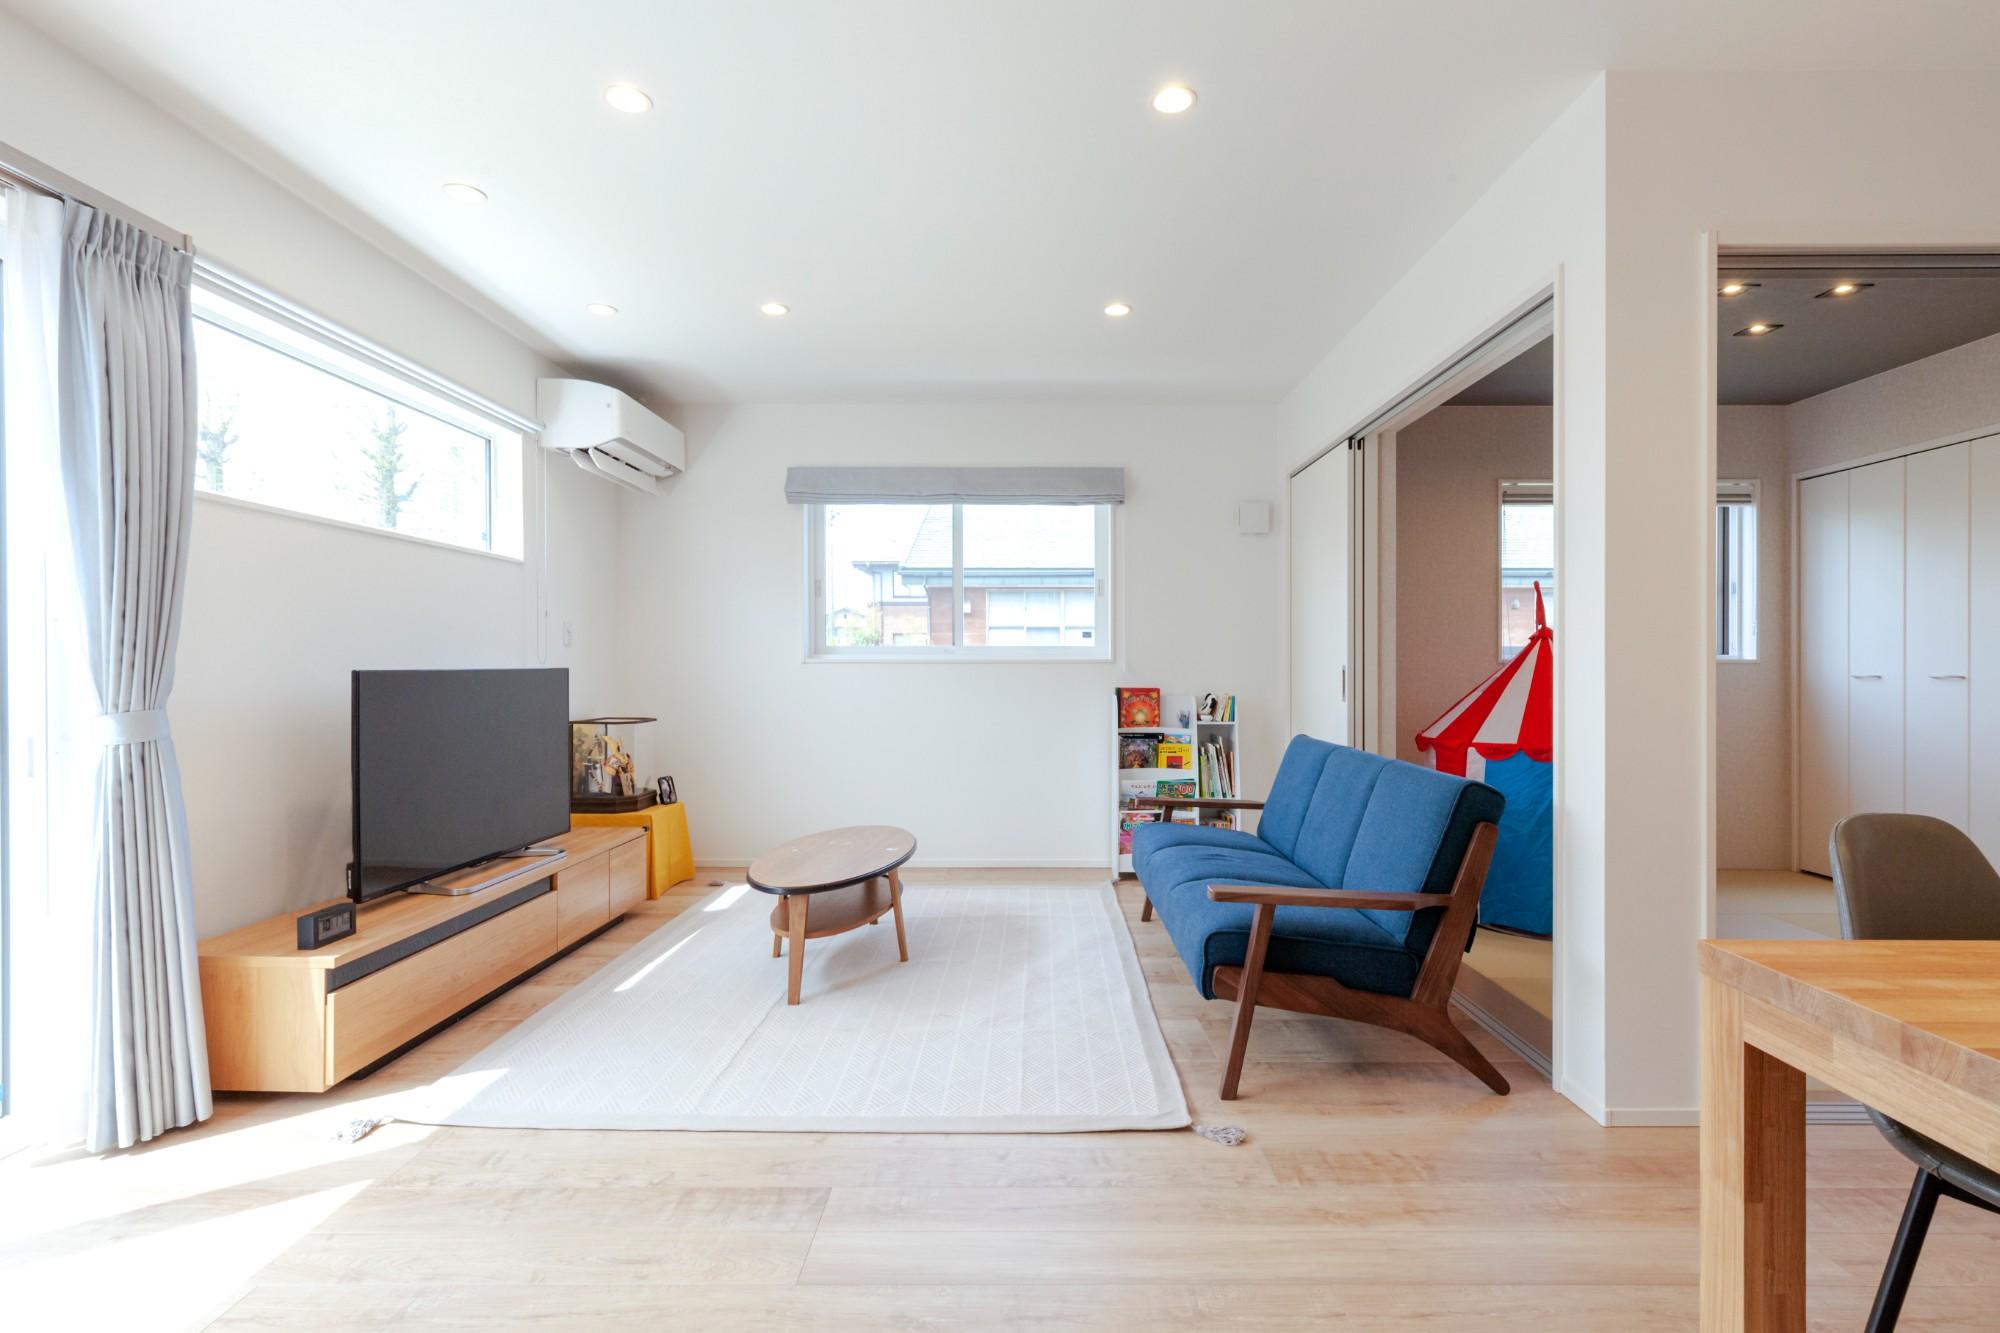 新潟材協 クオリティハウス「家事導線をデザインする」のリビング・ダイニングの実例写真